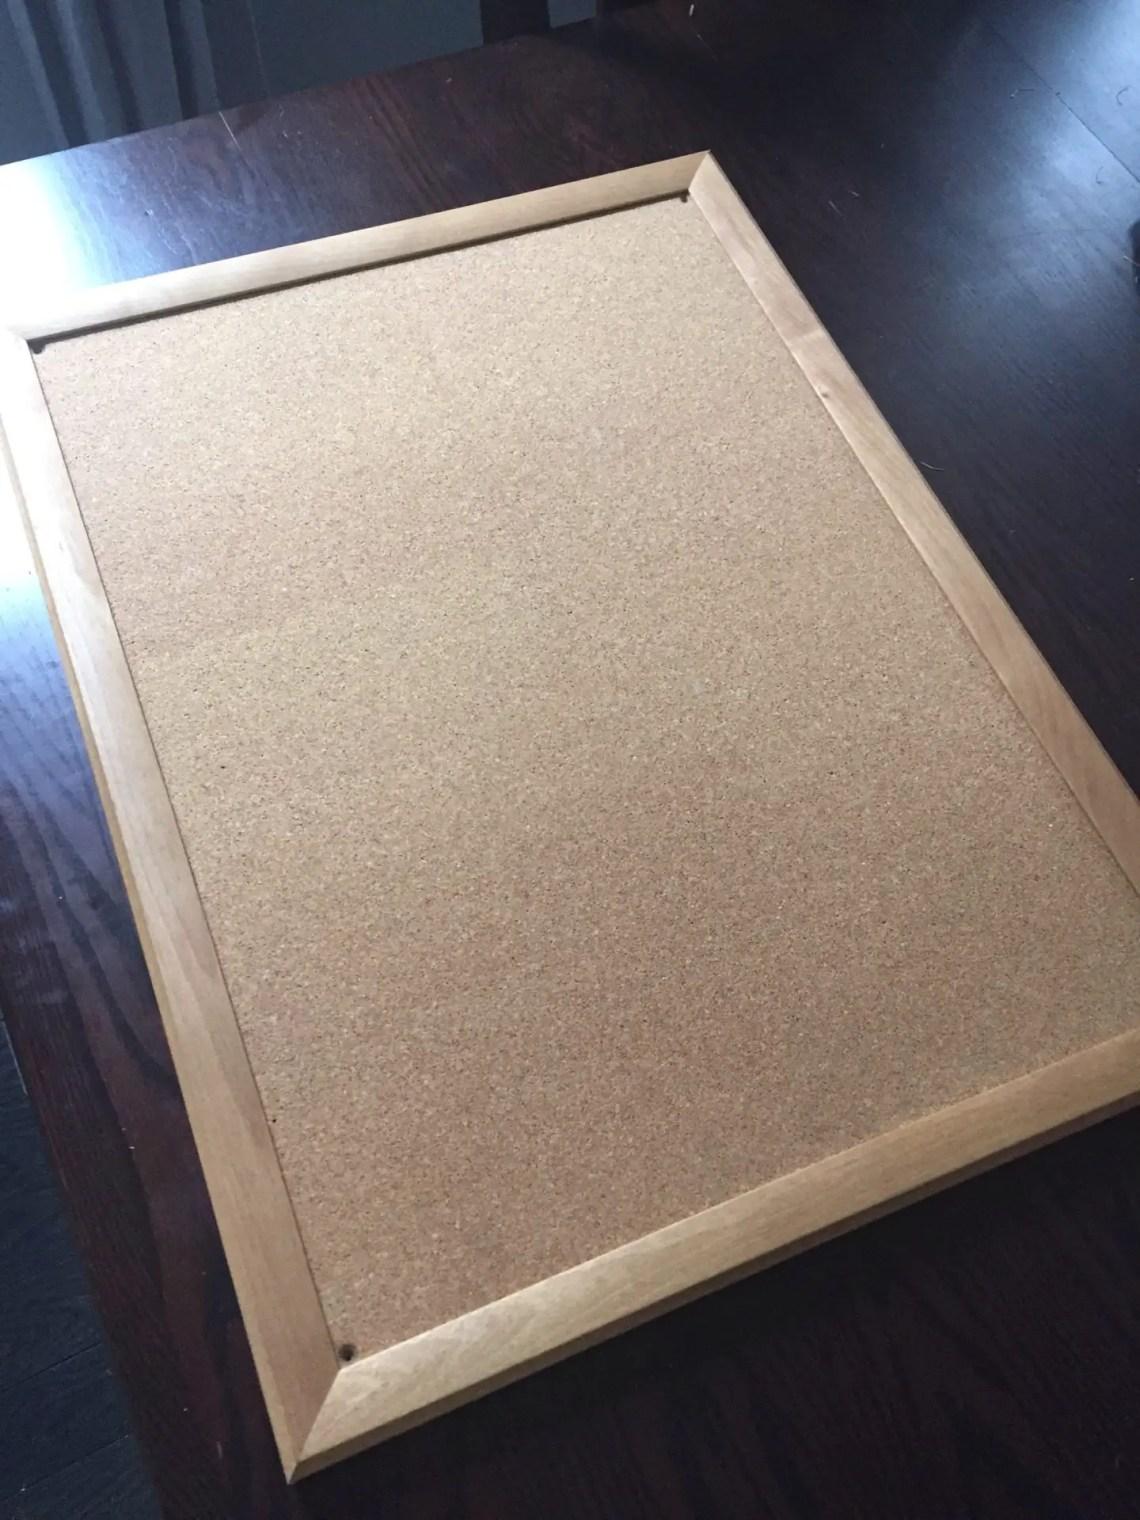 DIY Projects - Cork Board